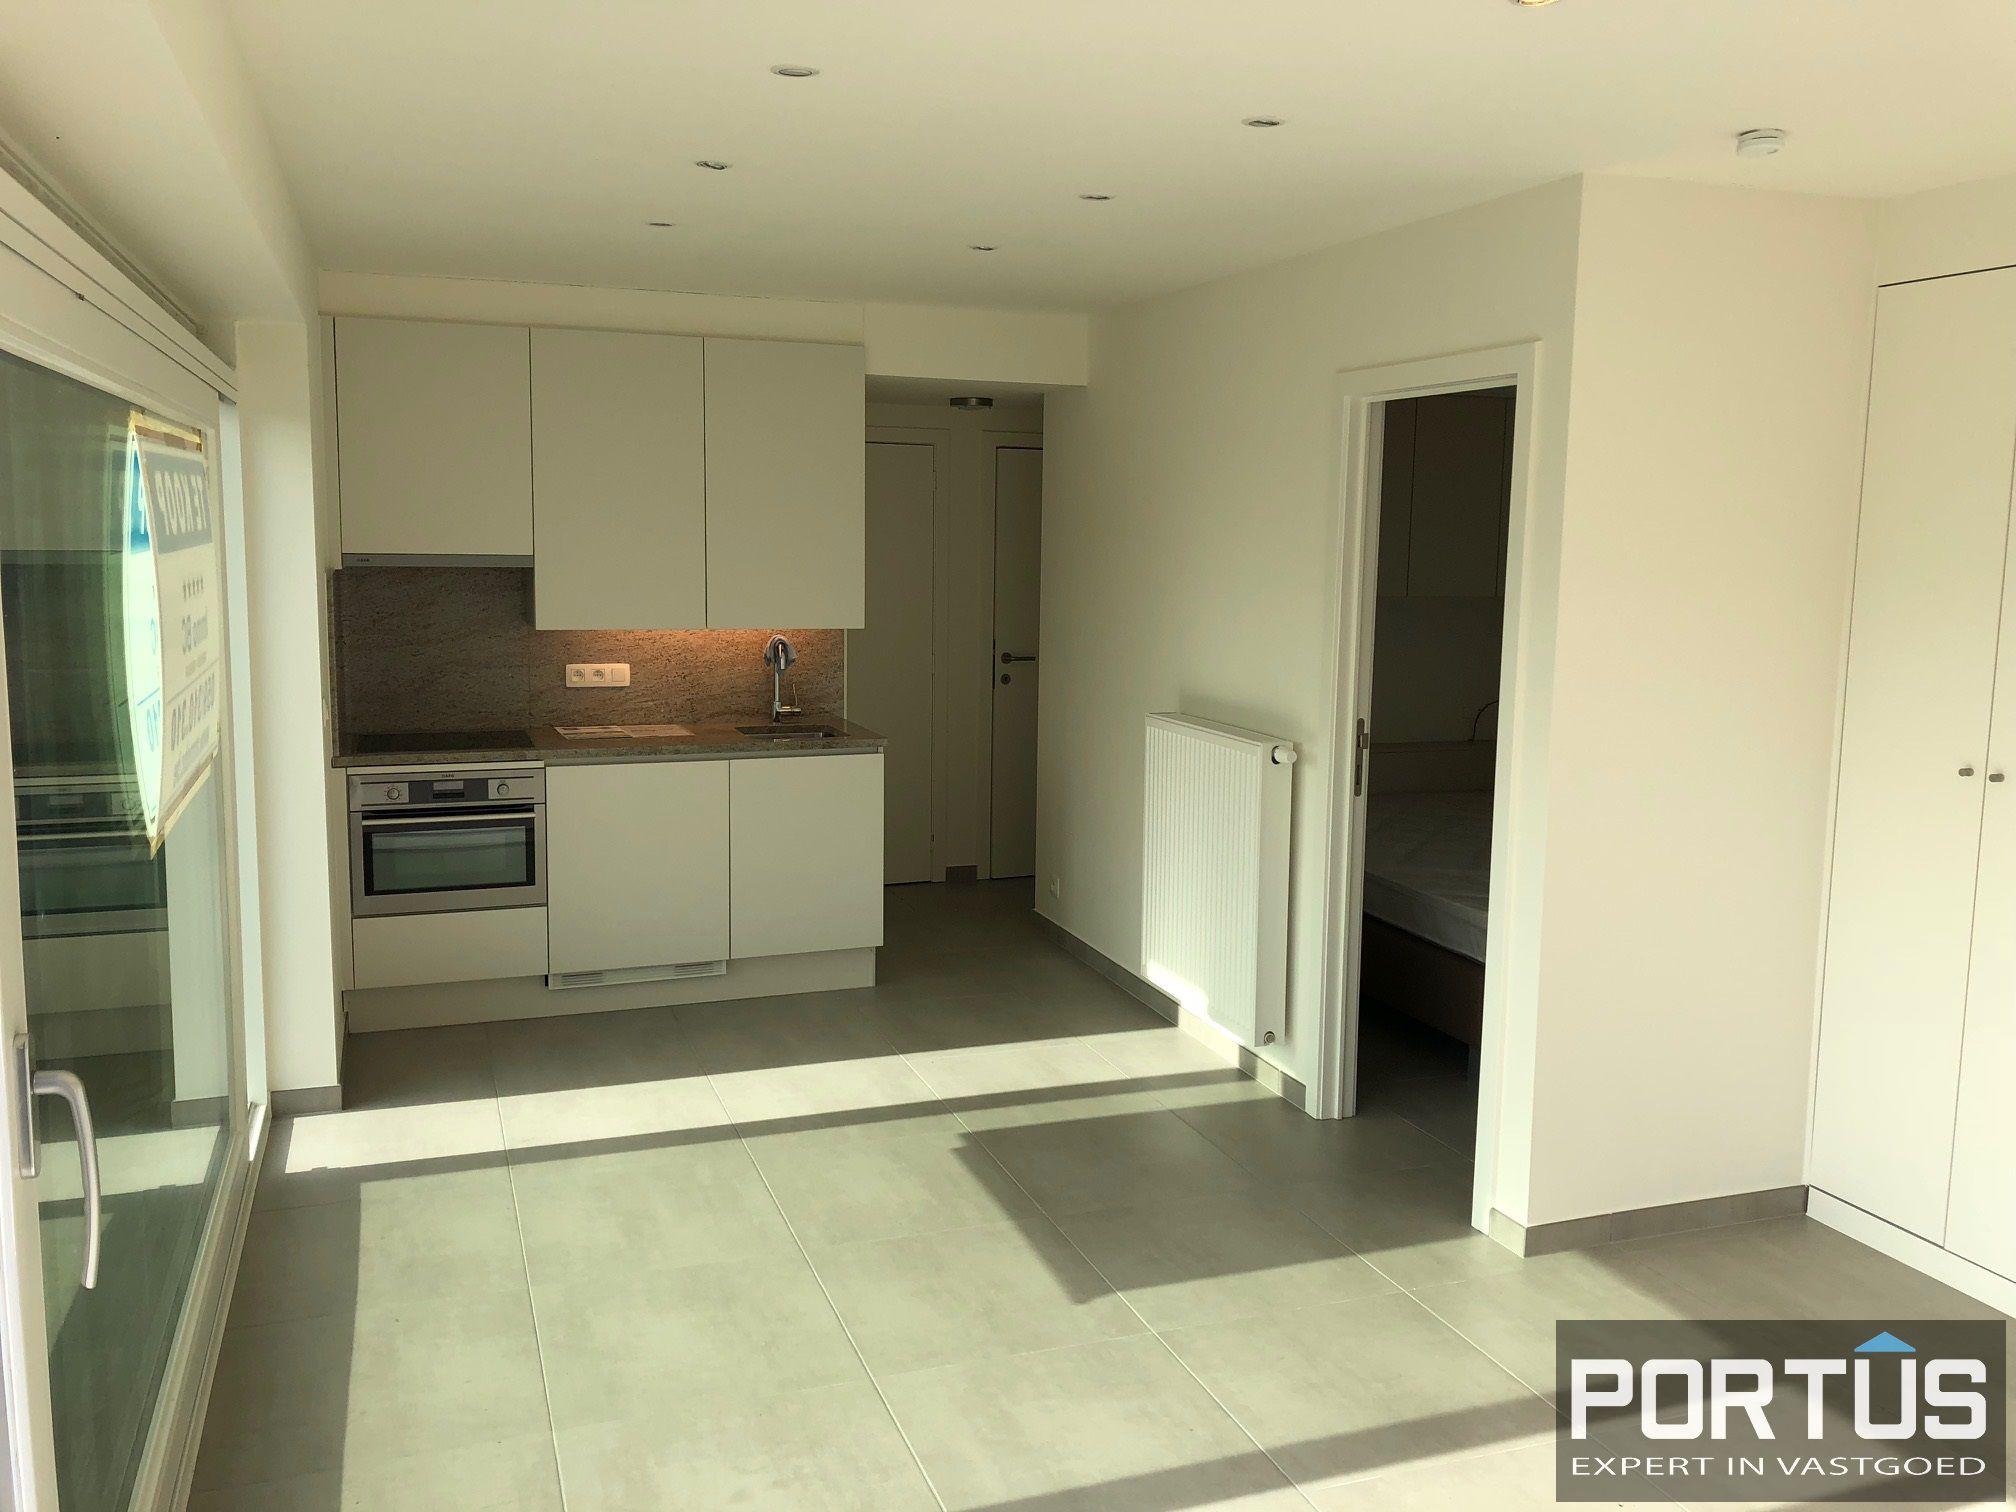 Appartement met 2 slaapkamer te koop nieuwpoort portus for Slaapkamer te koop